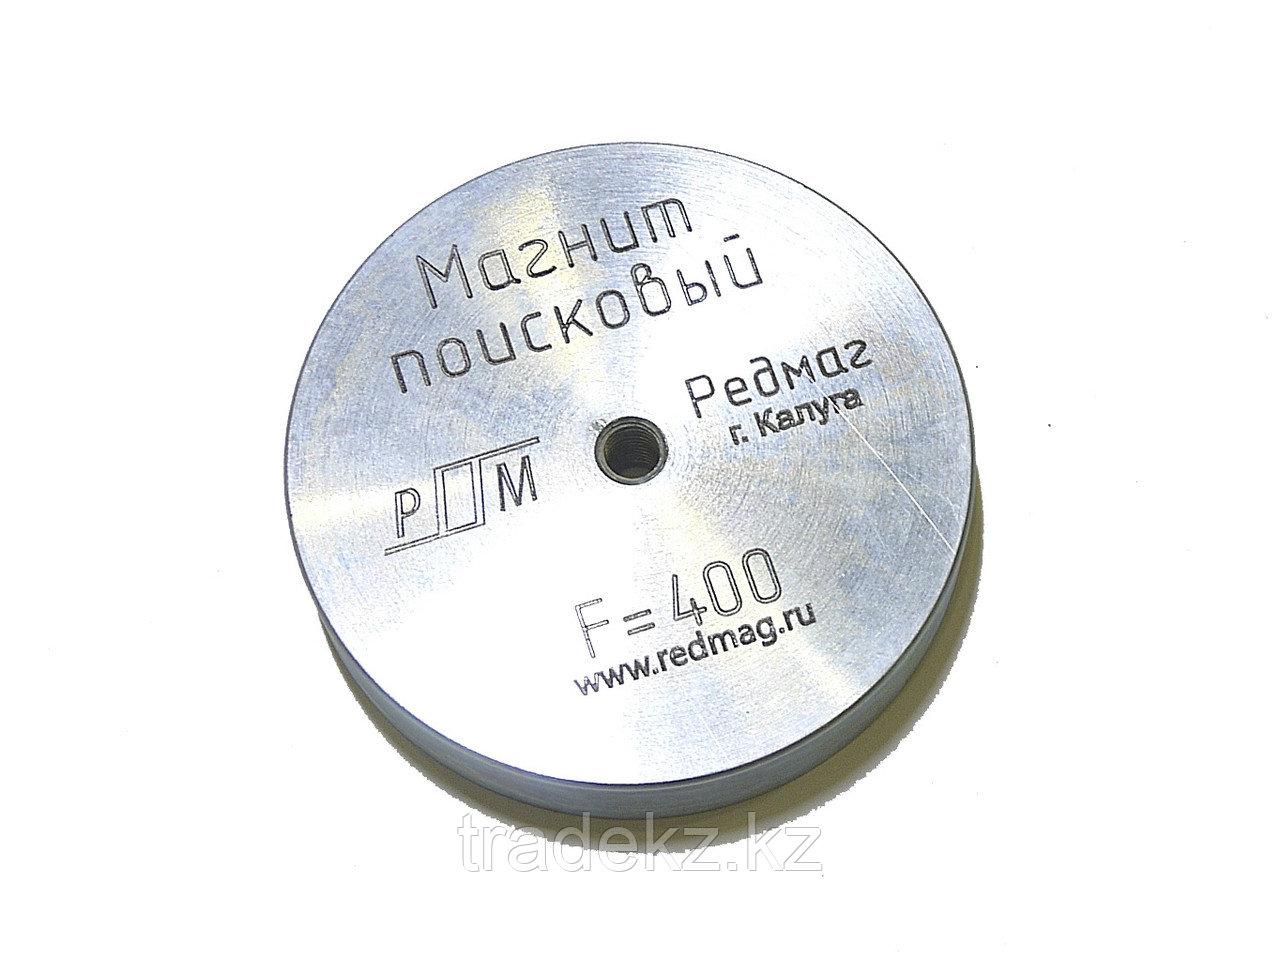 Магнит поисковый Редмаг F400 односторонний, усилие отрыва 400 кг